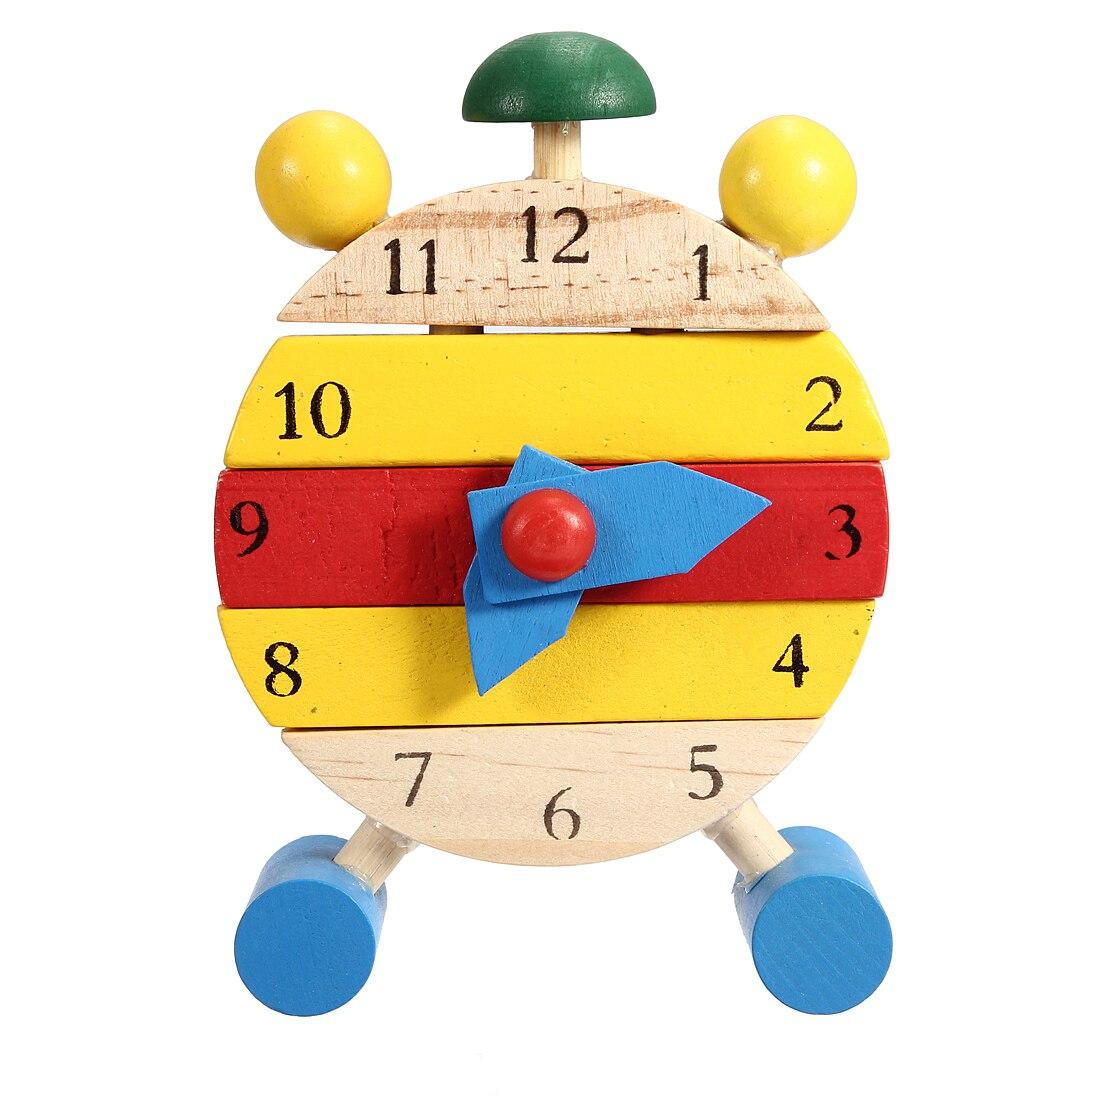 Calendrier Et Temps Mini Puzzle Horloge Montessori Puzzles à Jeux De Puzzle Enfant